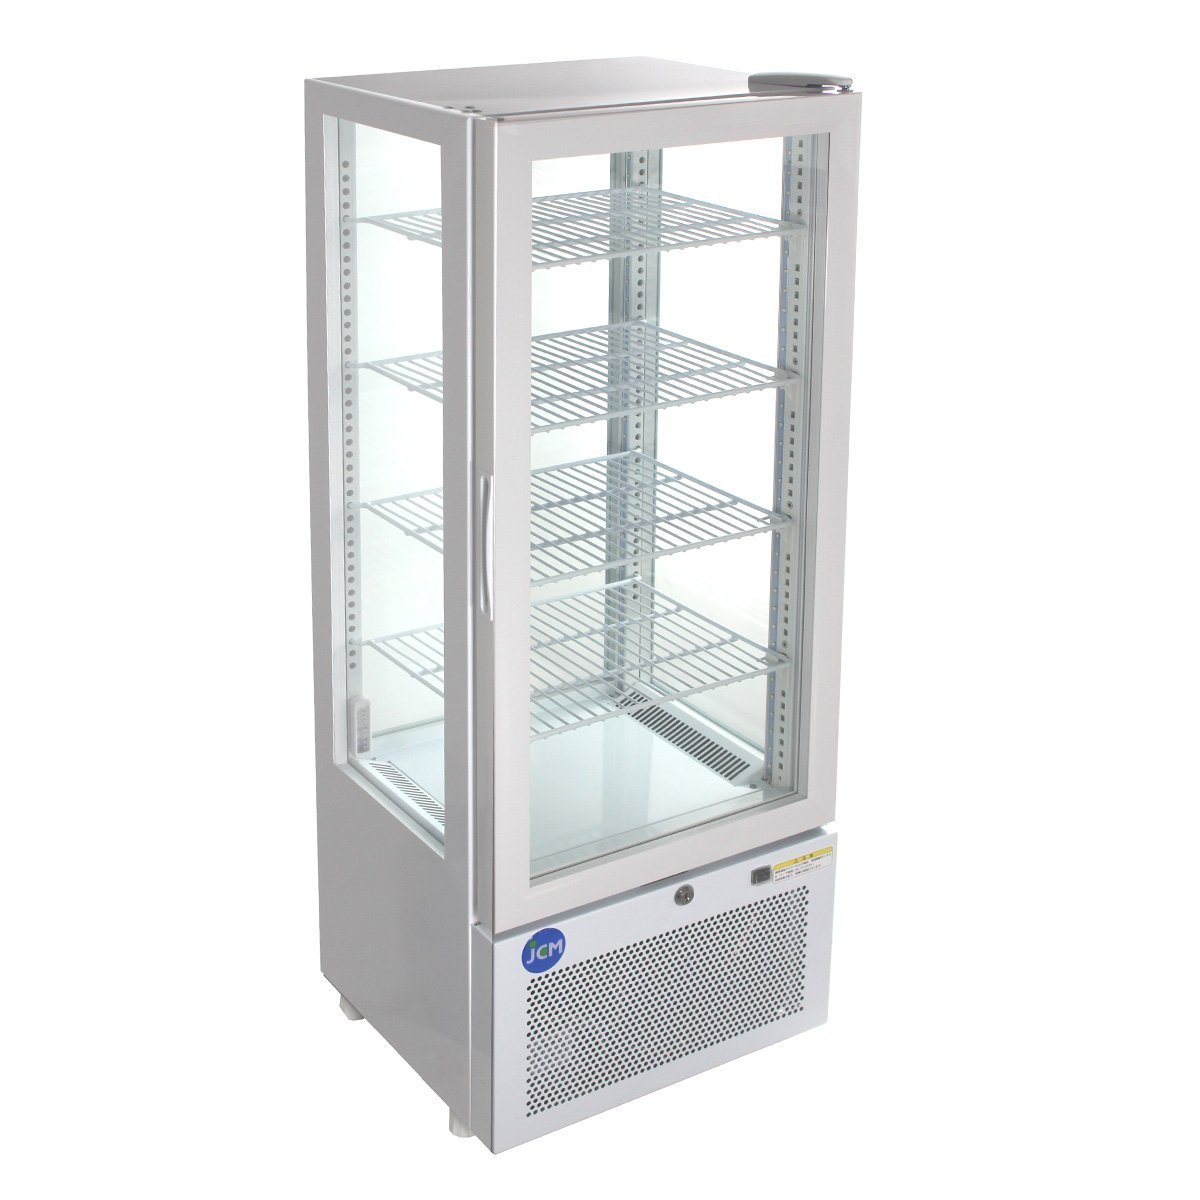 4面ガラス冷蔵ショーケース JCMS-98【JCMS-98】 B073PW3SBT JCMS-98 B073PW3SBT, 大衡村:70ed761f --- lembahbougenville.com